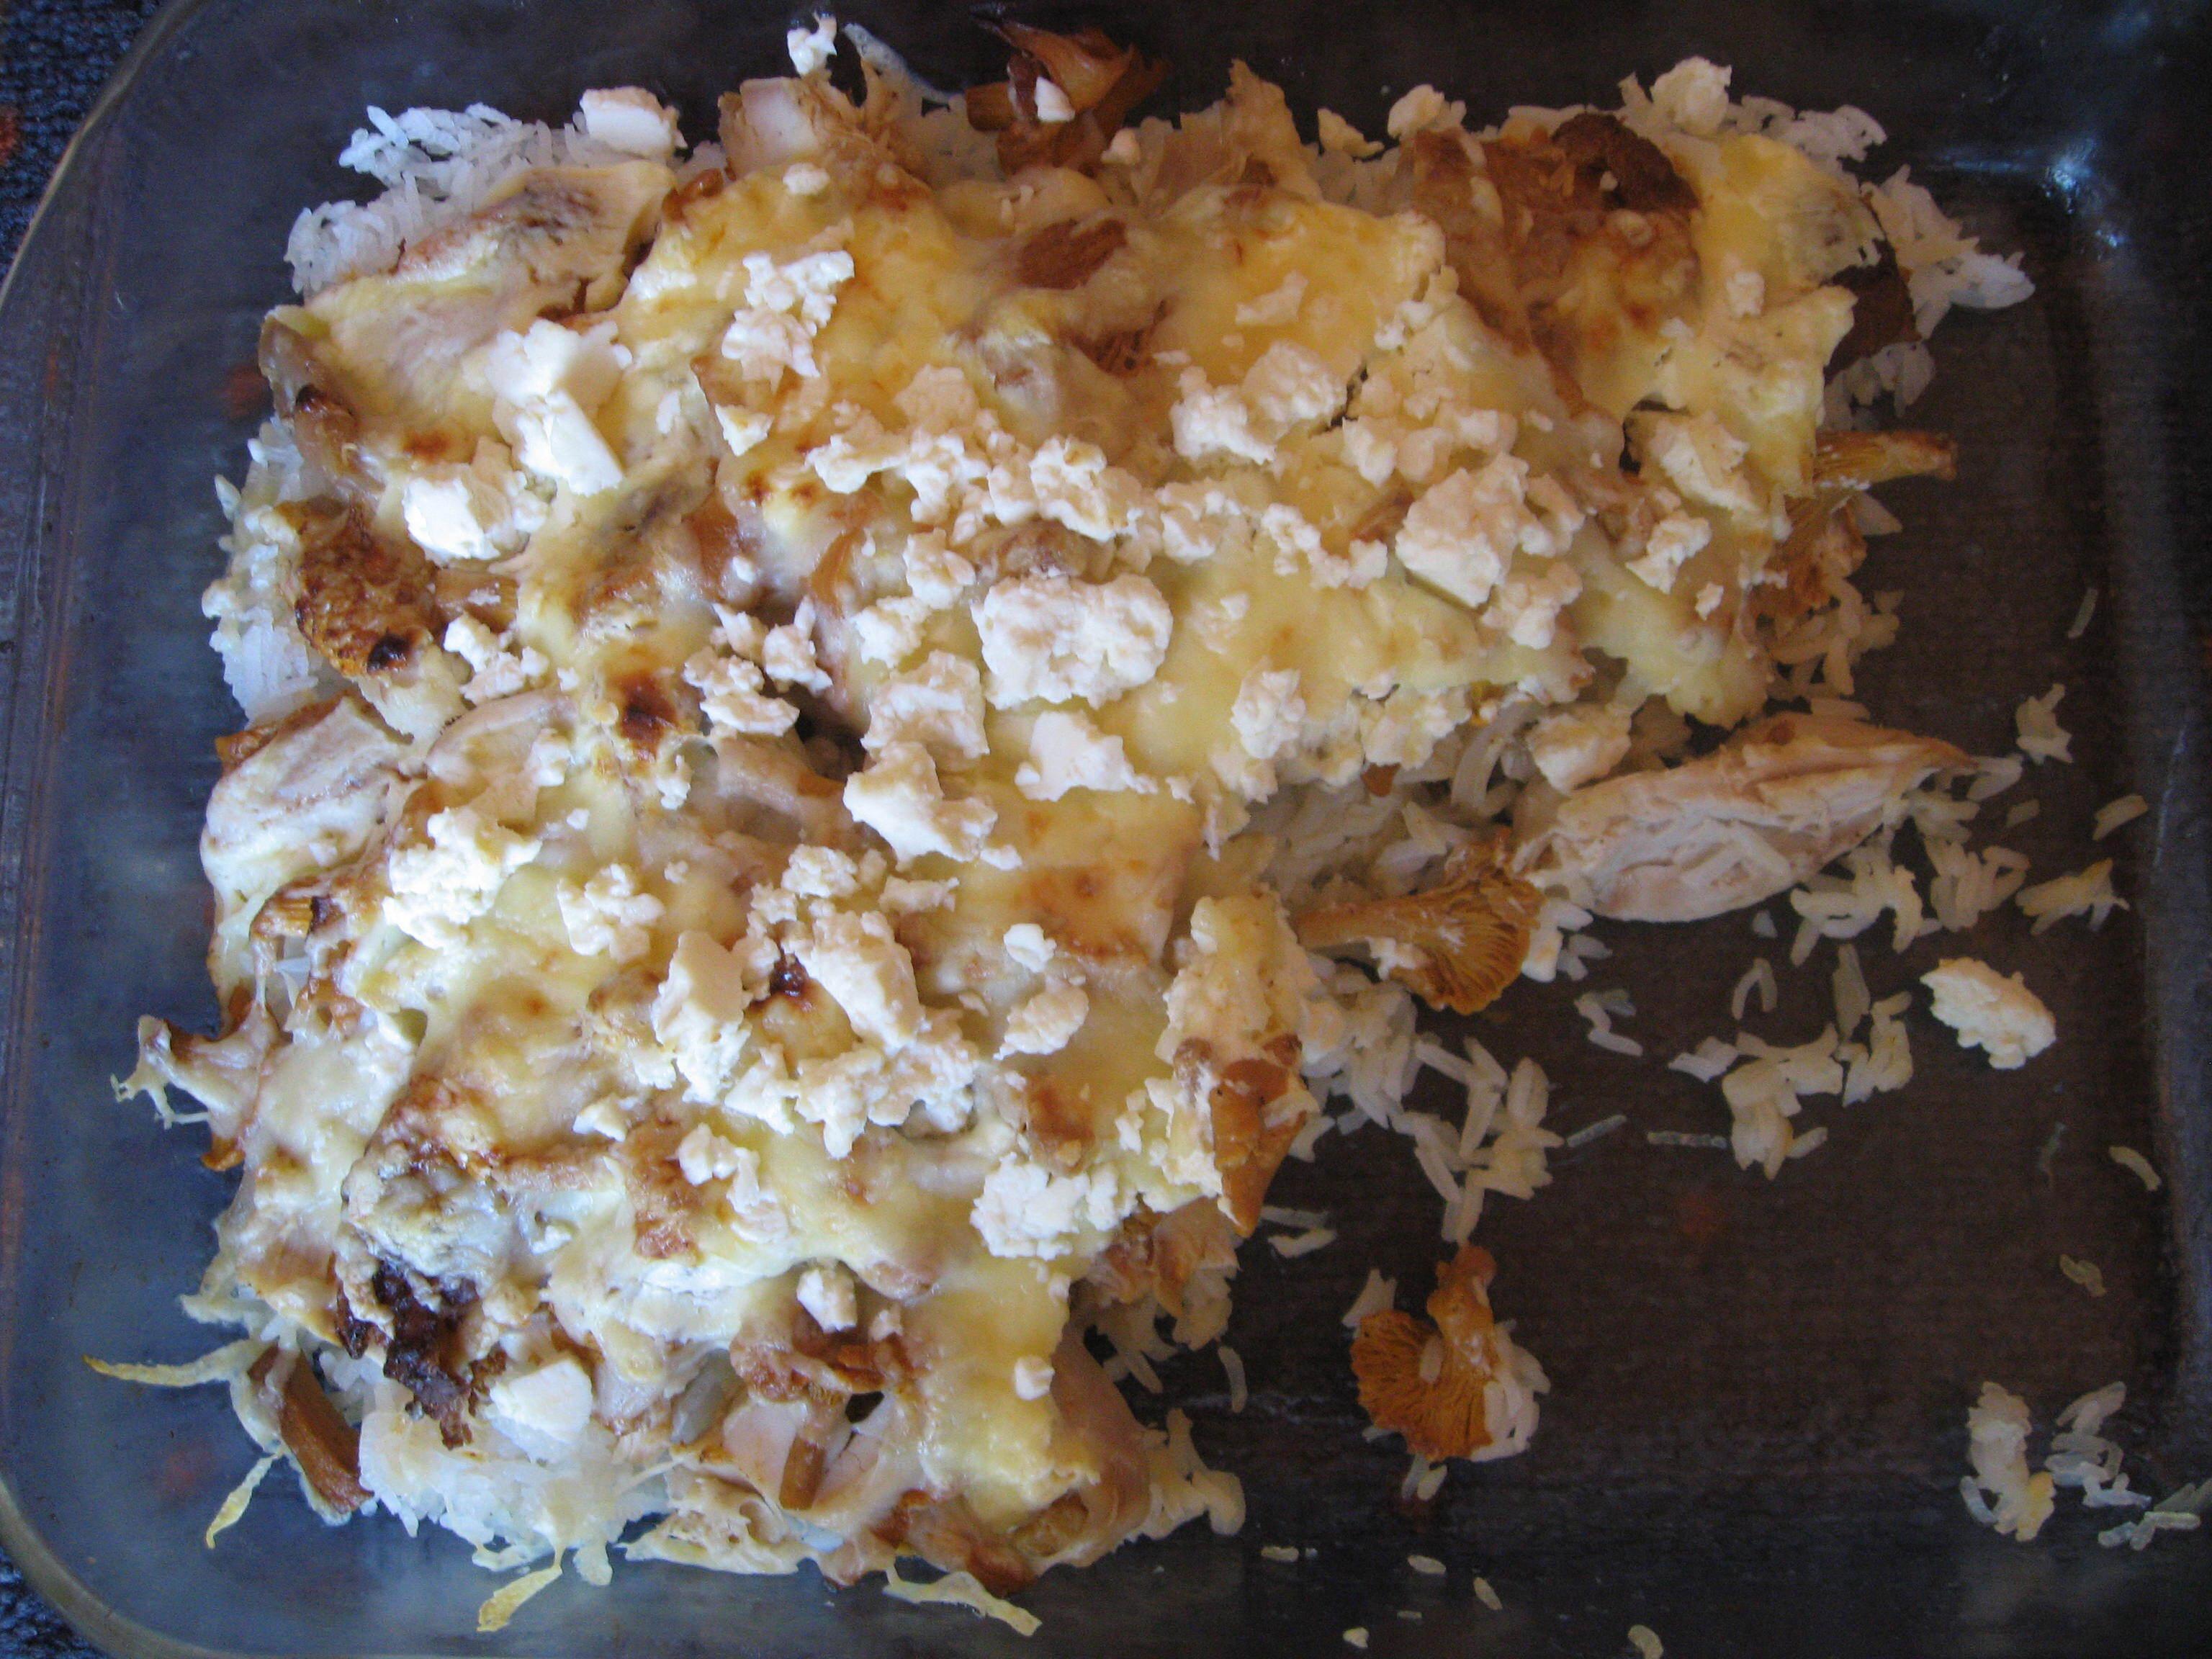 Lisas svamp- och kycklinglåda